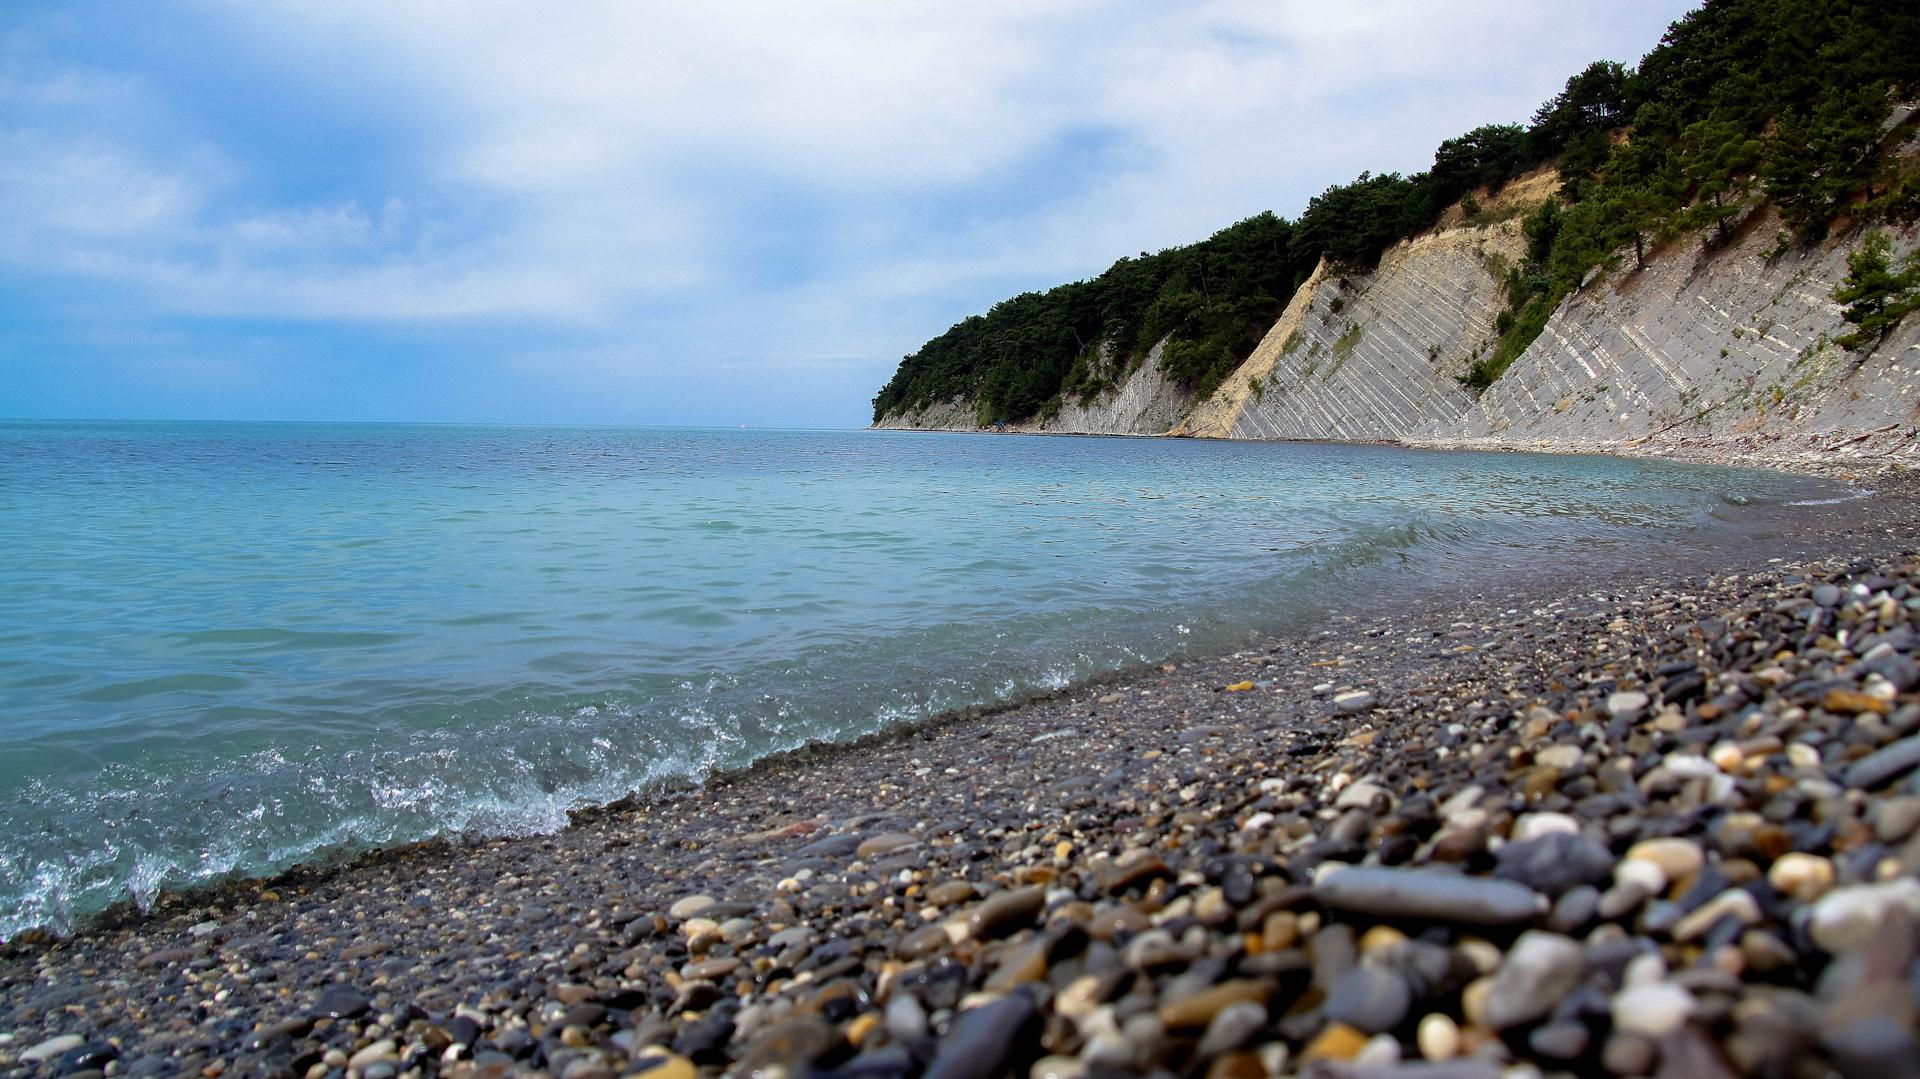 бра бетта фото пляжа и набережной южной